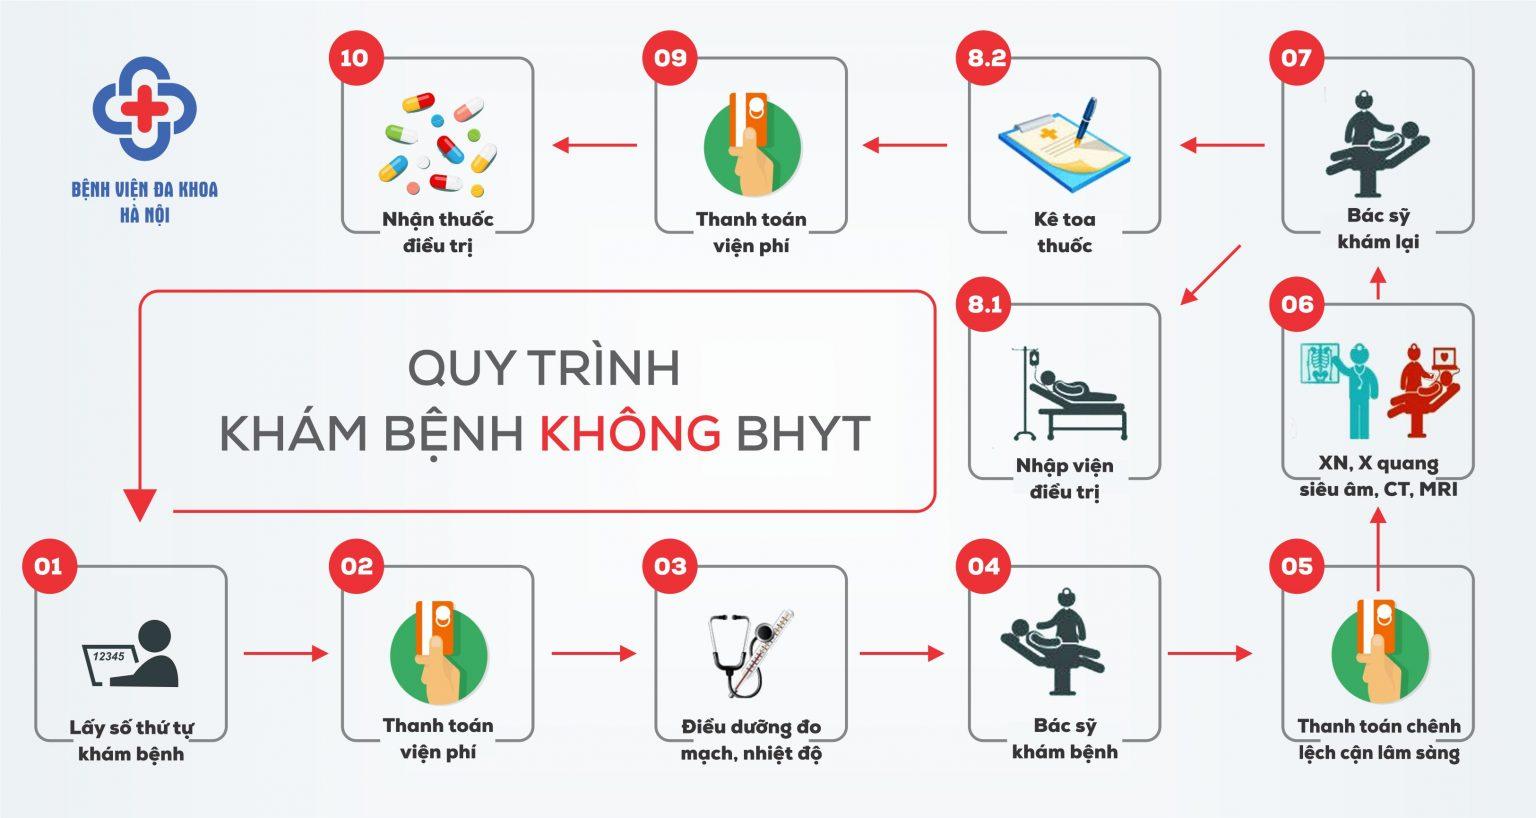 benh-vien-da-khoa-ha-noi-huong-dan-kham-2